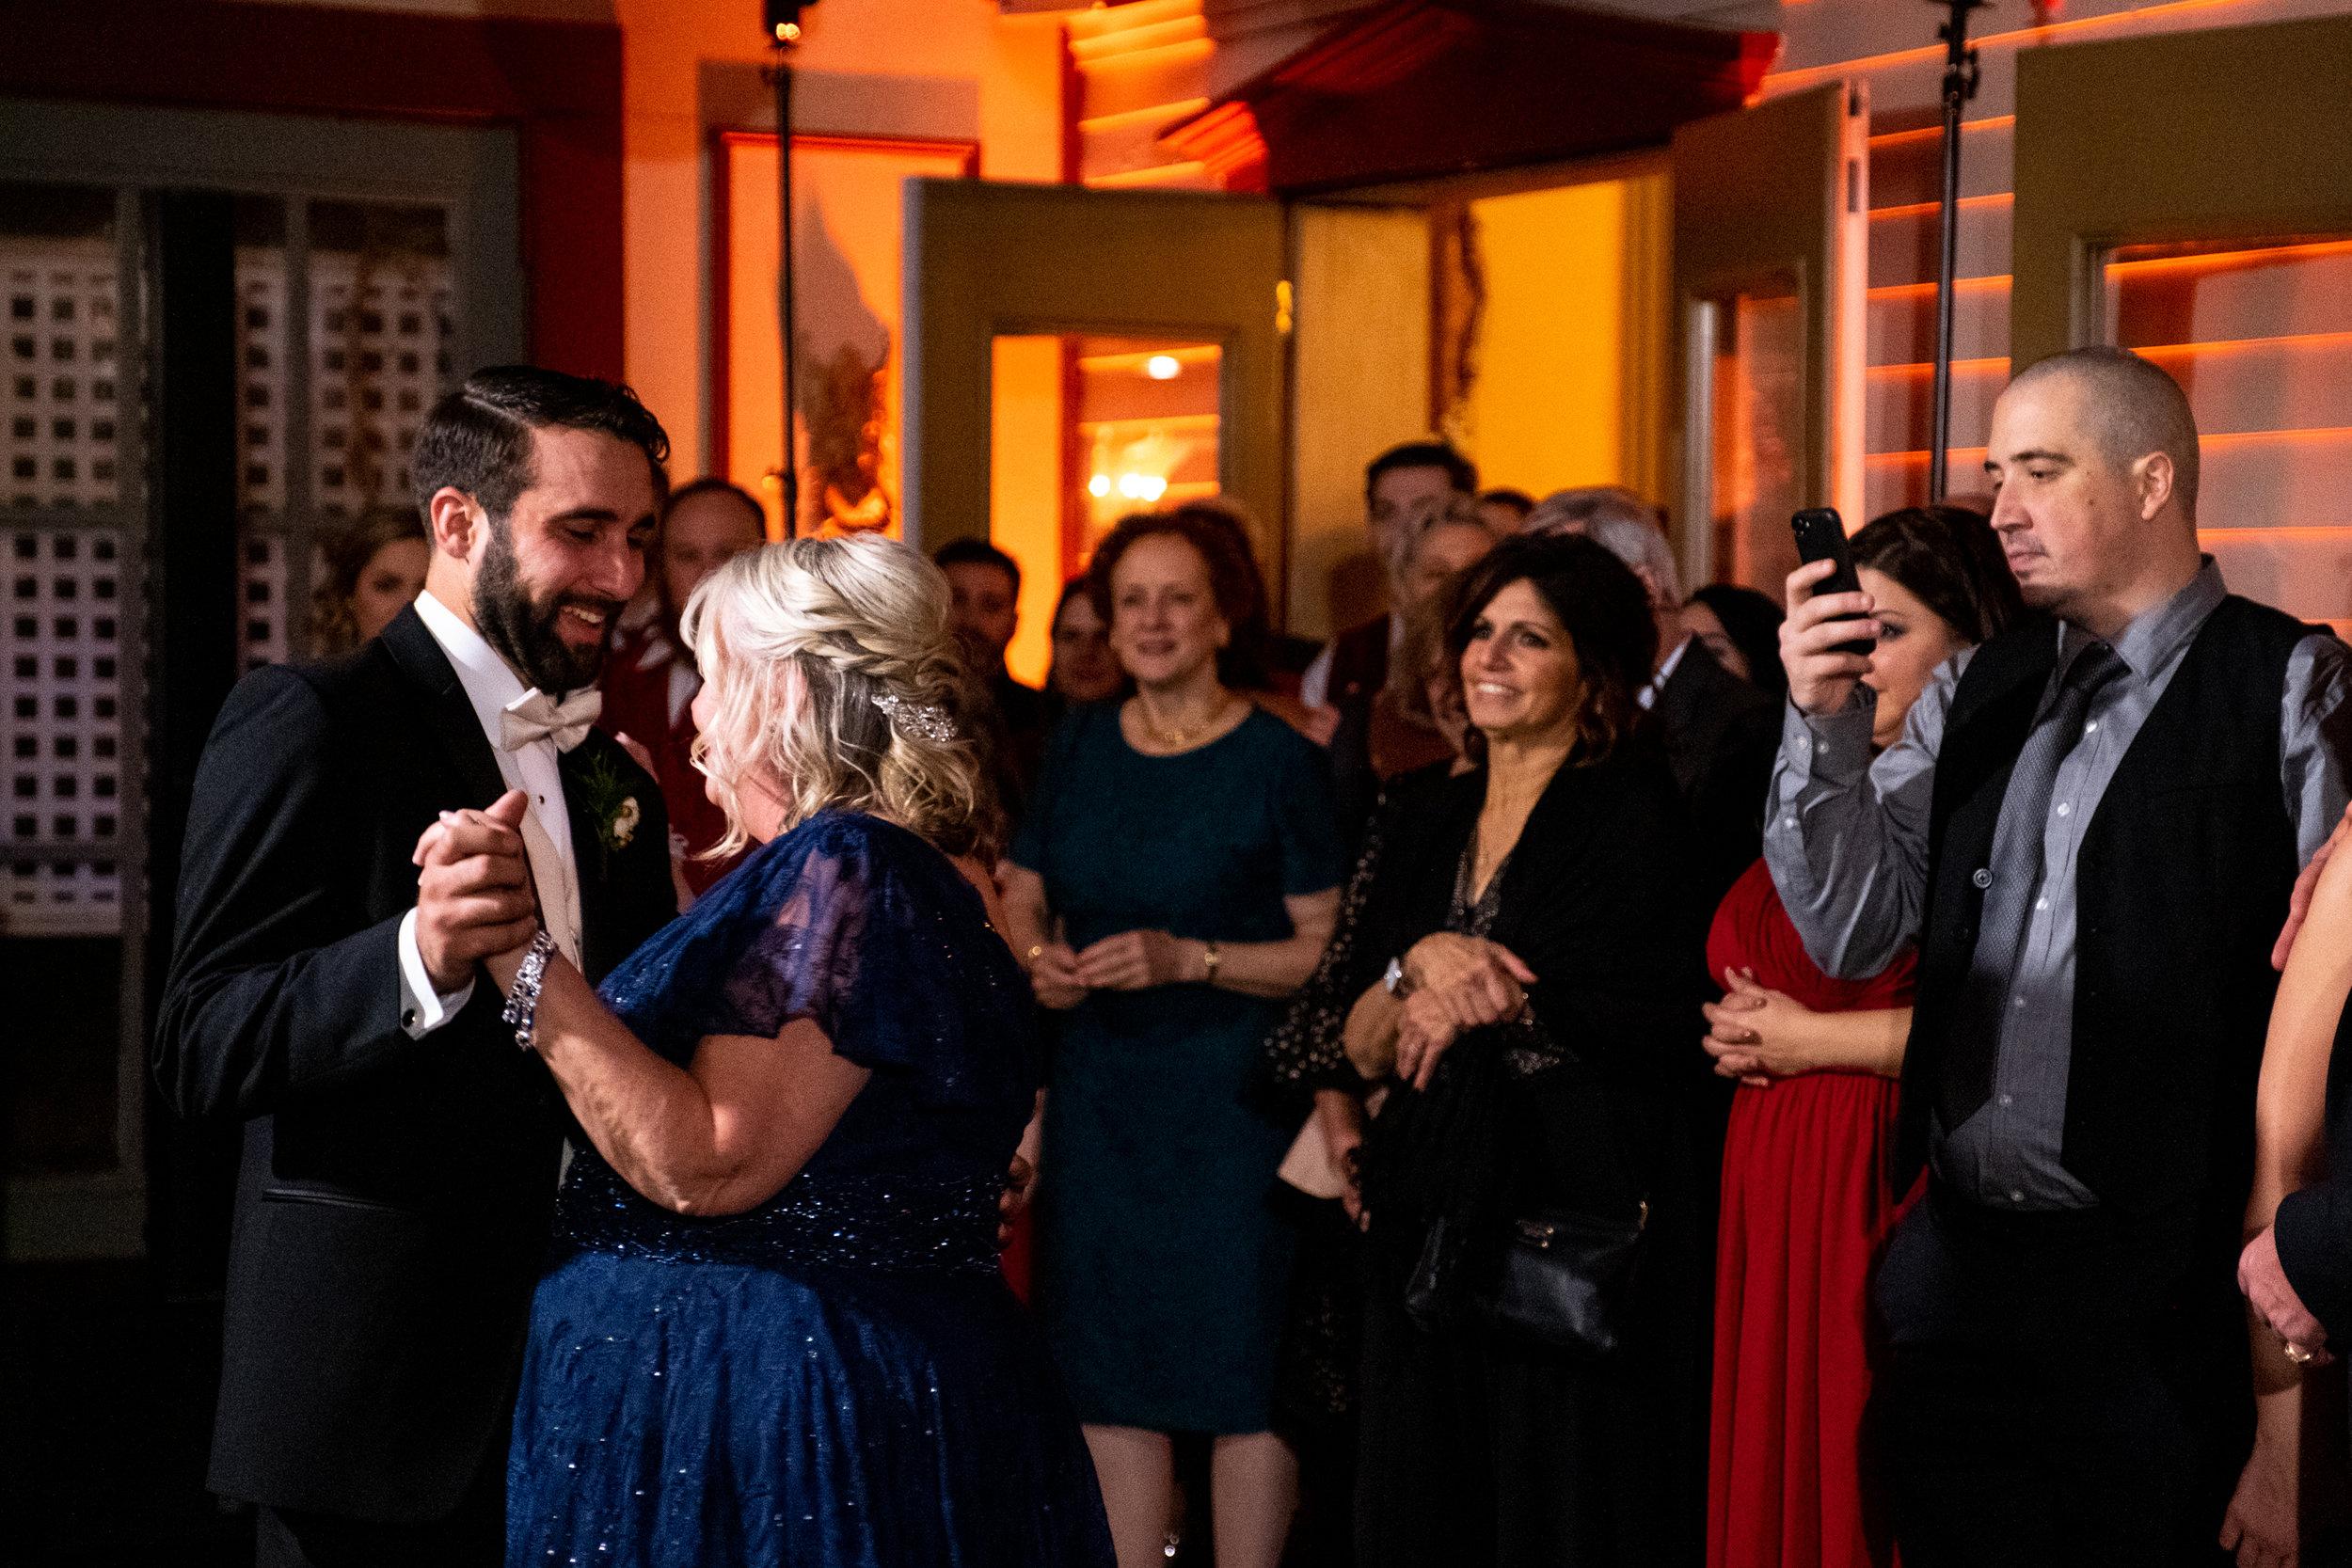 Milano Wedding_21.jpg